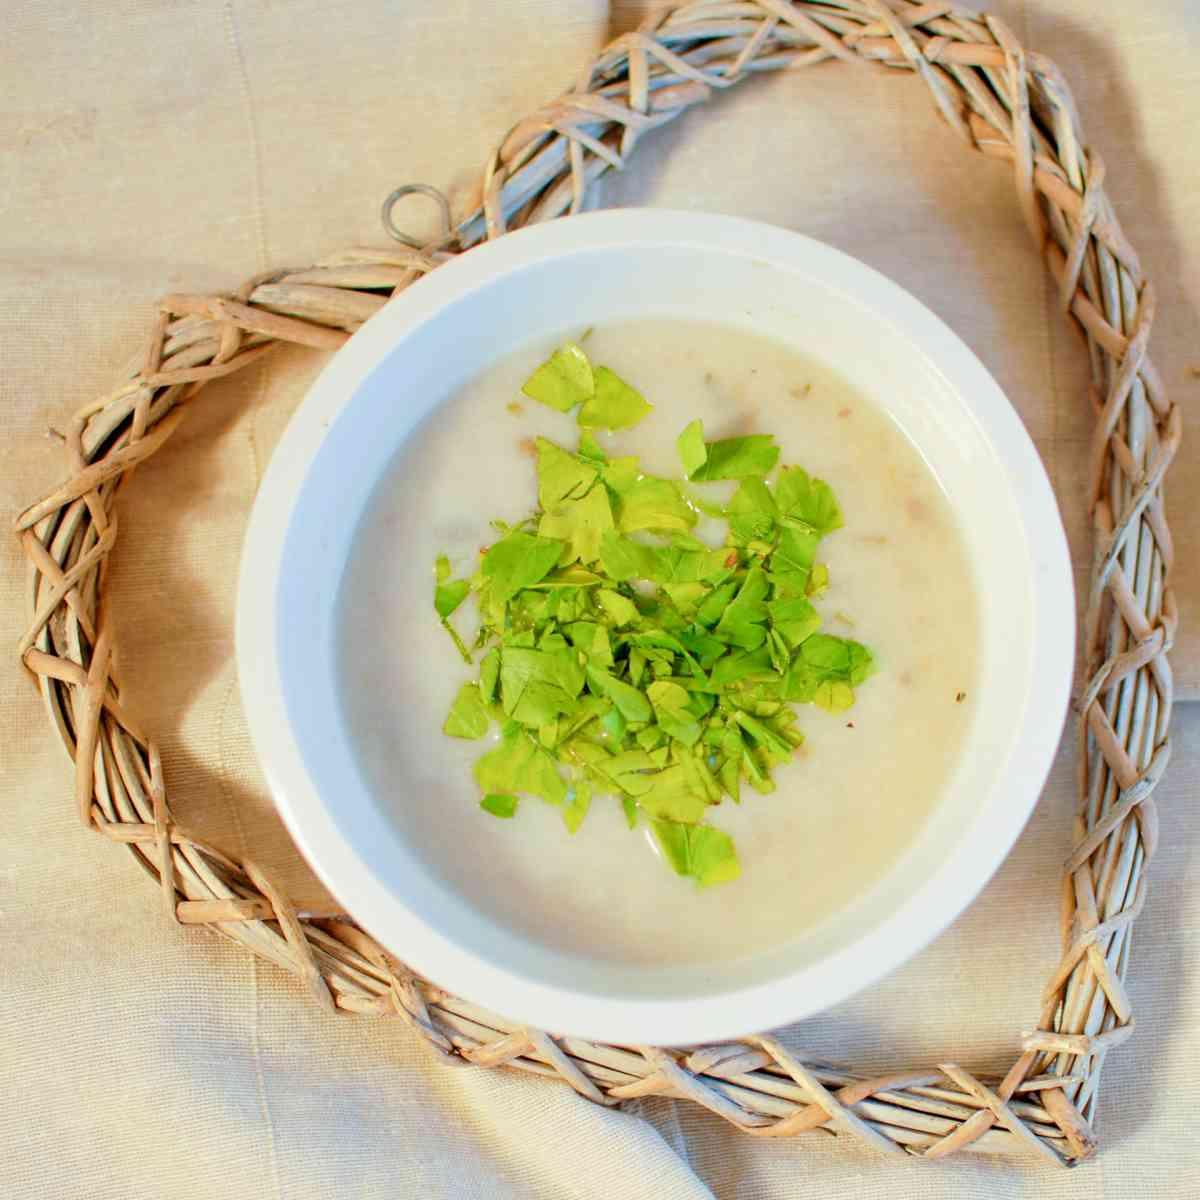 Lehká kedlubnová polévka  s pažitkou